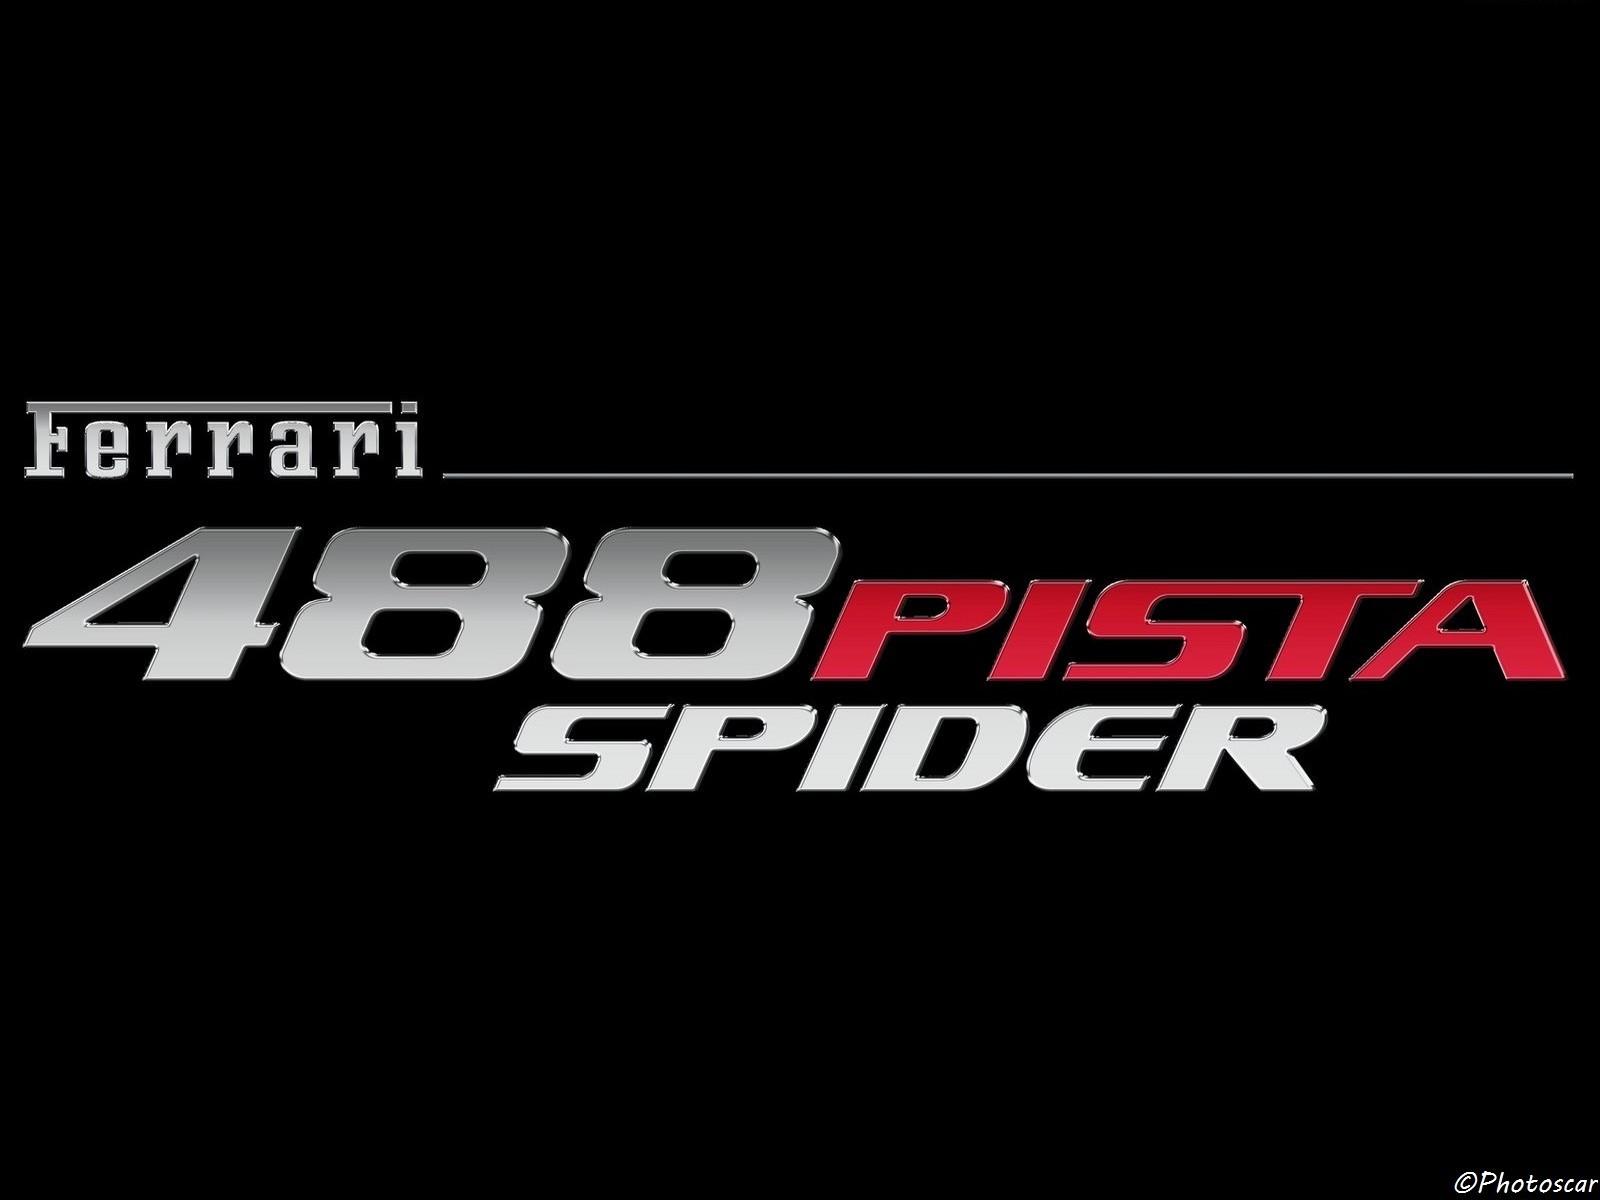 Ferrari 488 Pista Spider 2019